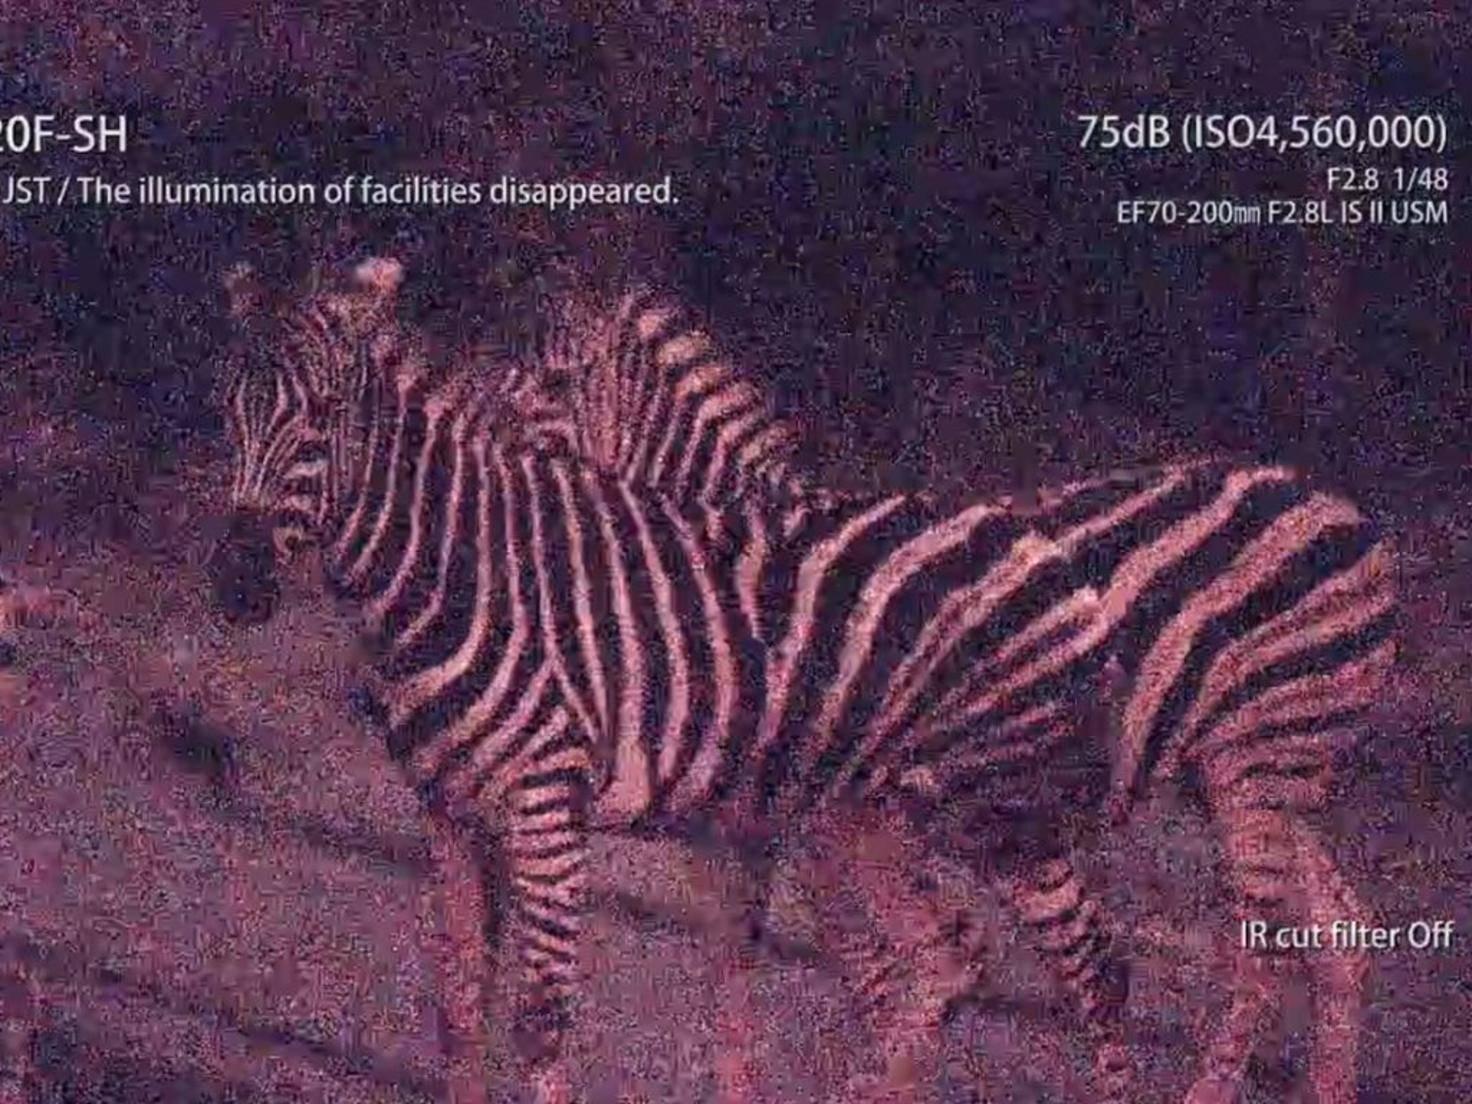 Diese Zebras wurden mit 75 dB bei tiefschwarzer Nacht gefilmt.